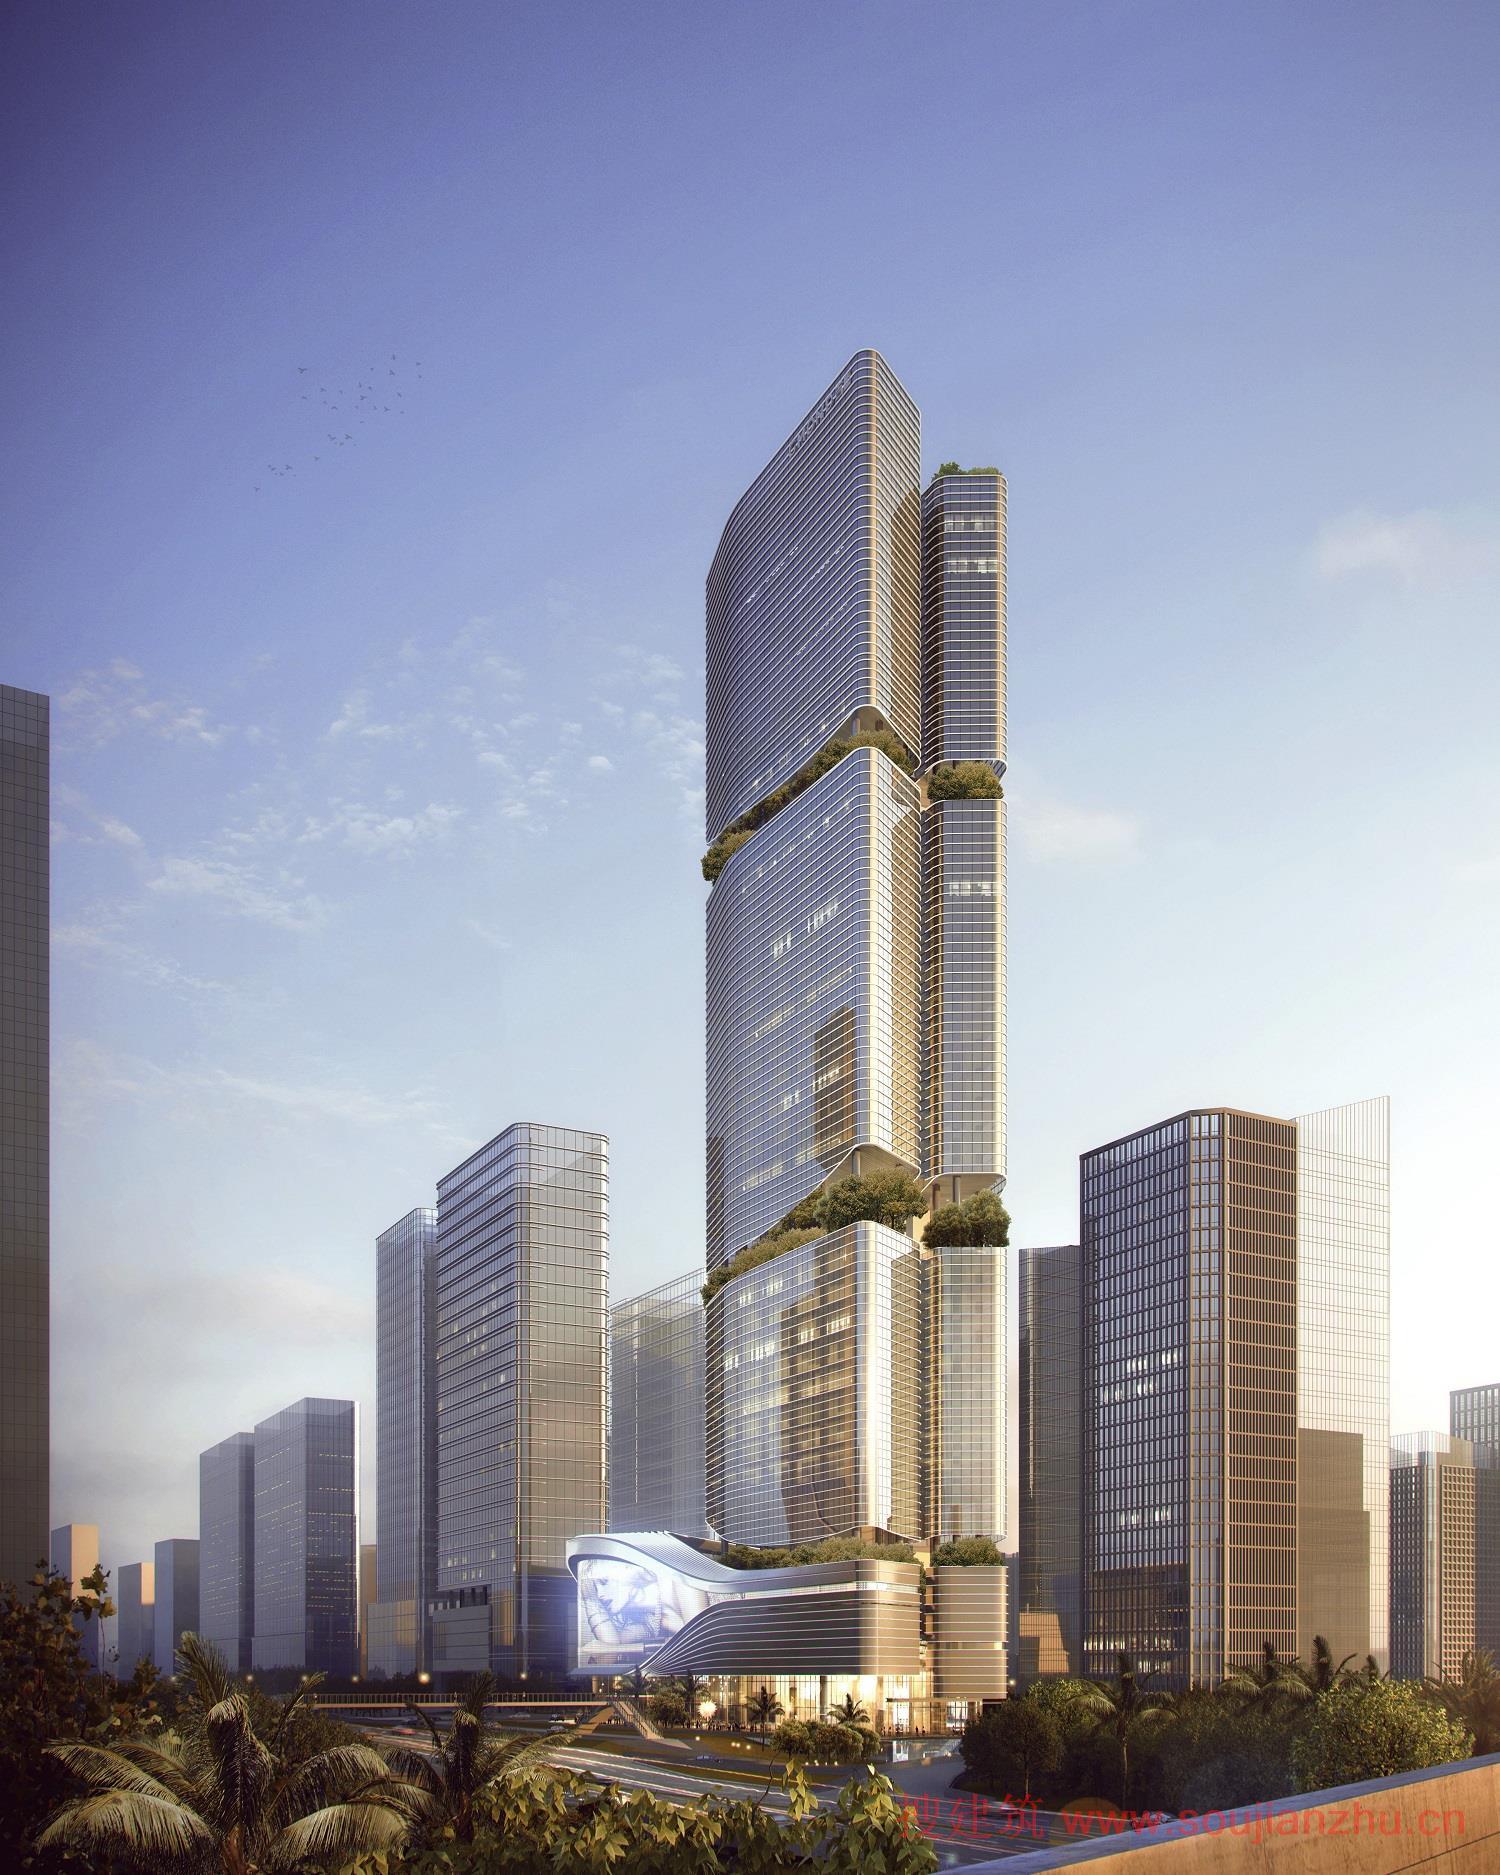 搜建筑网 -- 200米超高层塔楼